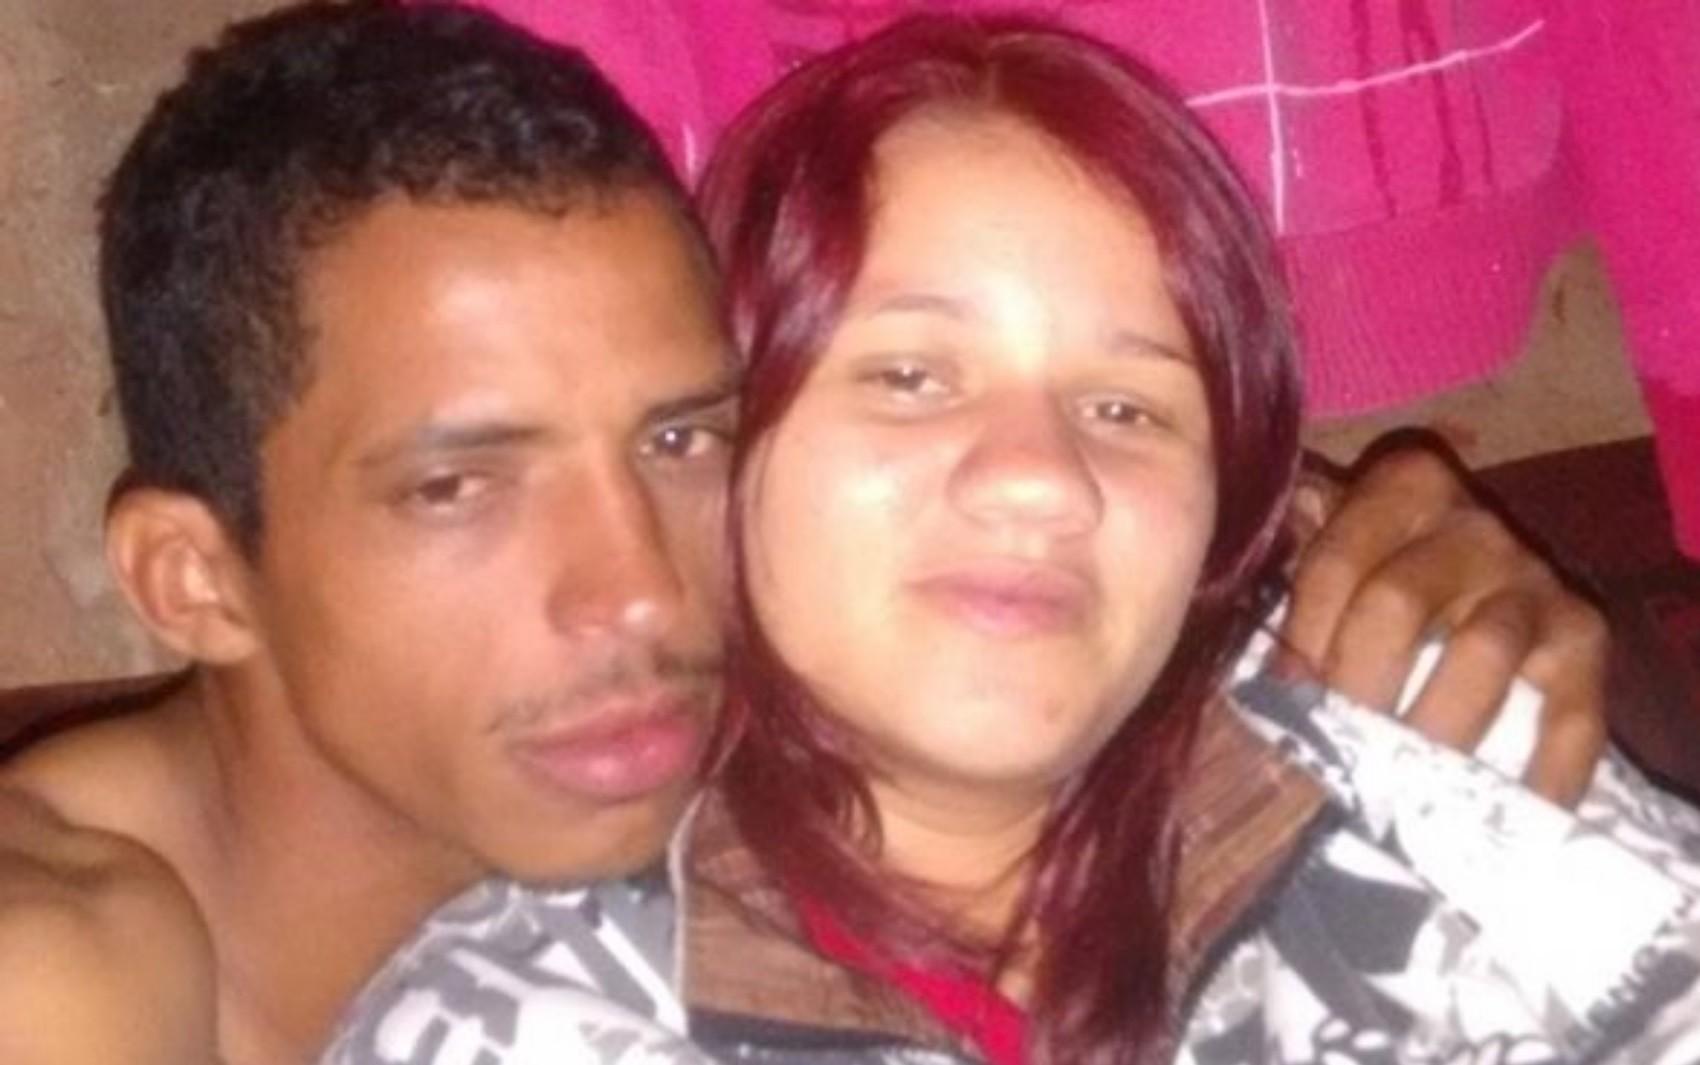 Menino que perdeu a mãe, o pai e os irmãos em acidente na BR-080 segue  internado e ainda não sabe sobre mortes, diz tia